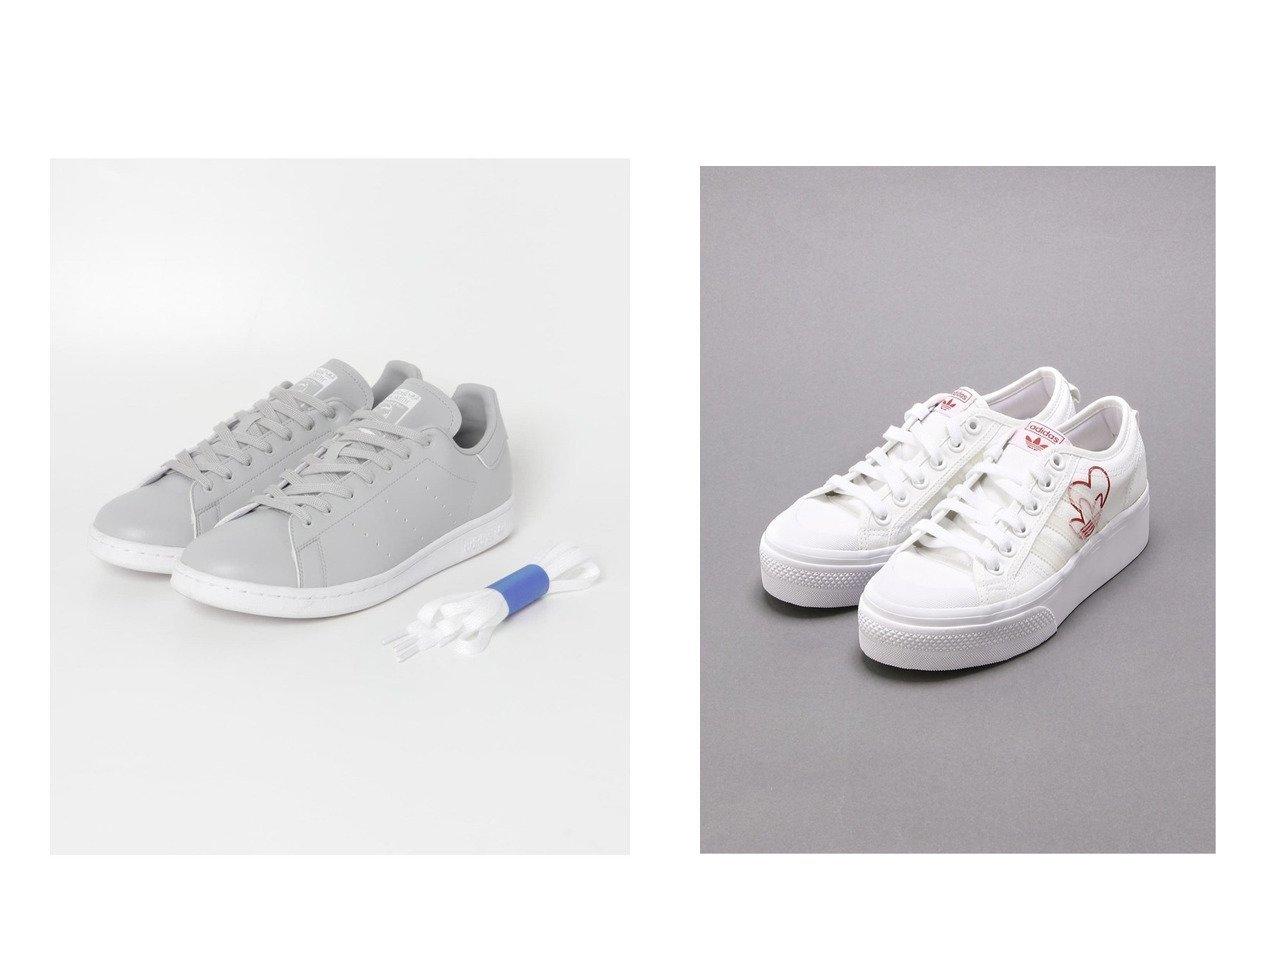 【adidas/アディダス】のNIZZA PLATFORM W&【URBAN RESEARCH/アーバンリサーチ】の【別注】adidas Originals for UR STAN SMITH EX. 【シューズ・靴】おすすめ!人気、トレンド・レディースファッションの通販 おすすめで人気の流行・トレンド、ファッションの通販商品 メンズファッション・キッズファッション・インテリア・家具・レディースファッション・服の通販 founy(ファニー) https://founy.com/ ファッション Fashion レディースファッション WOMEN クラシック シューズ スニーカー スペシャル スリッポン 別注 ラバー 2021年 2021 再入荷 Restock/Back in Stock/Re Arrival S/S・春夏 SS・Spring/Summer 2021春夏・S/S SS/Spring/Summer/2021 NEW・新作・新着・新入荷 New Arrivals |ID:crp329100000027848